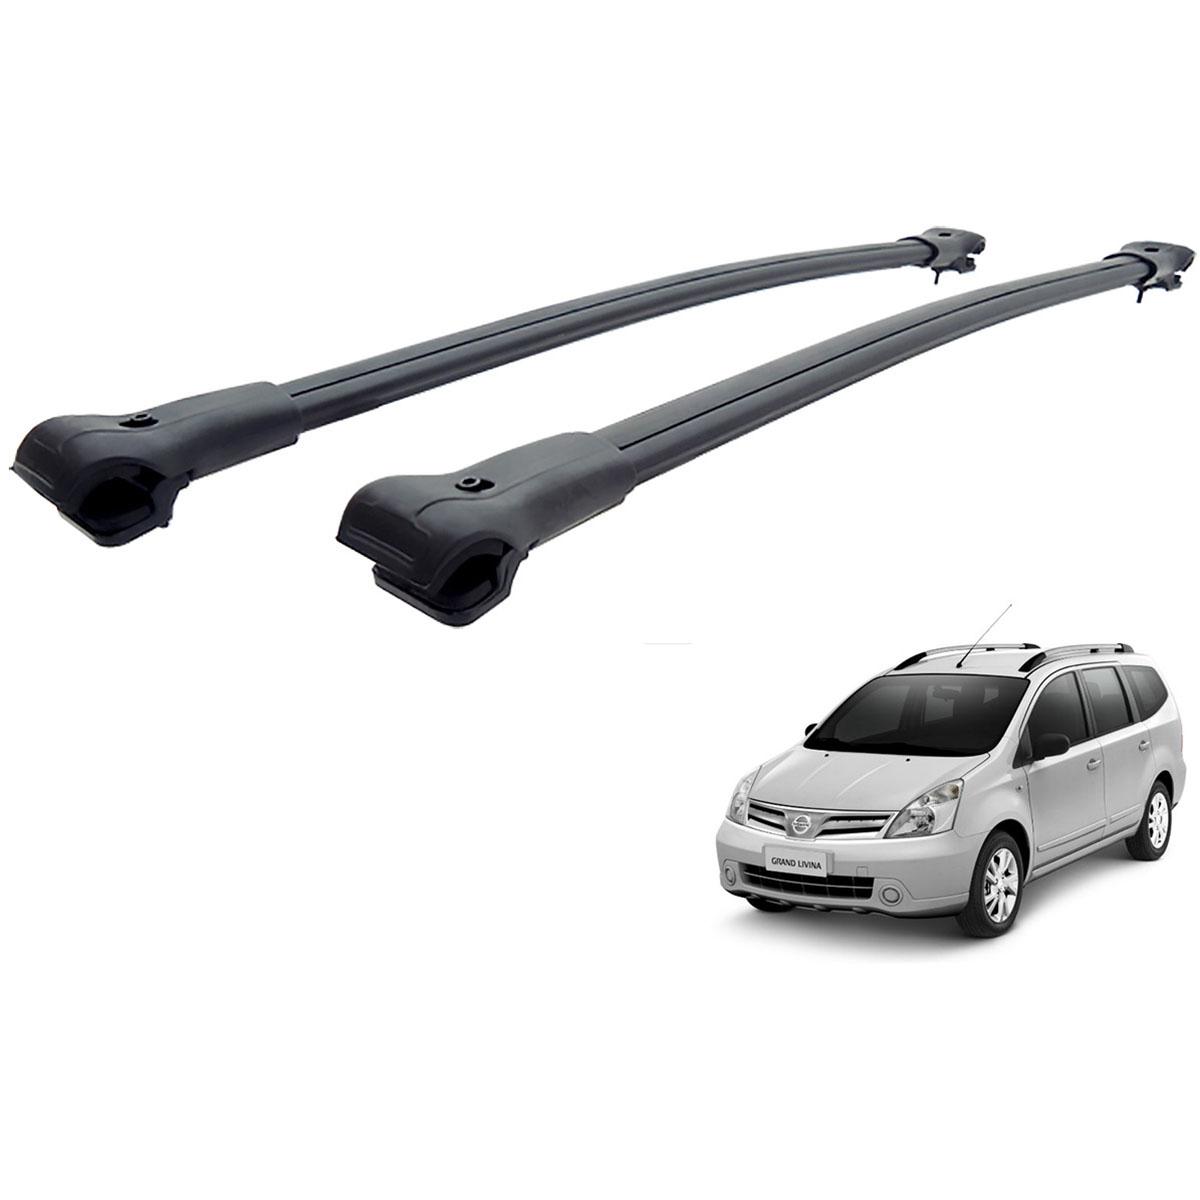 Travessa rack de teto larga preta alumínio Grand Livina 2013 a 2015